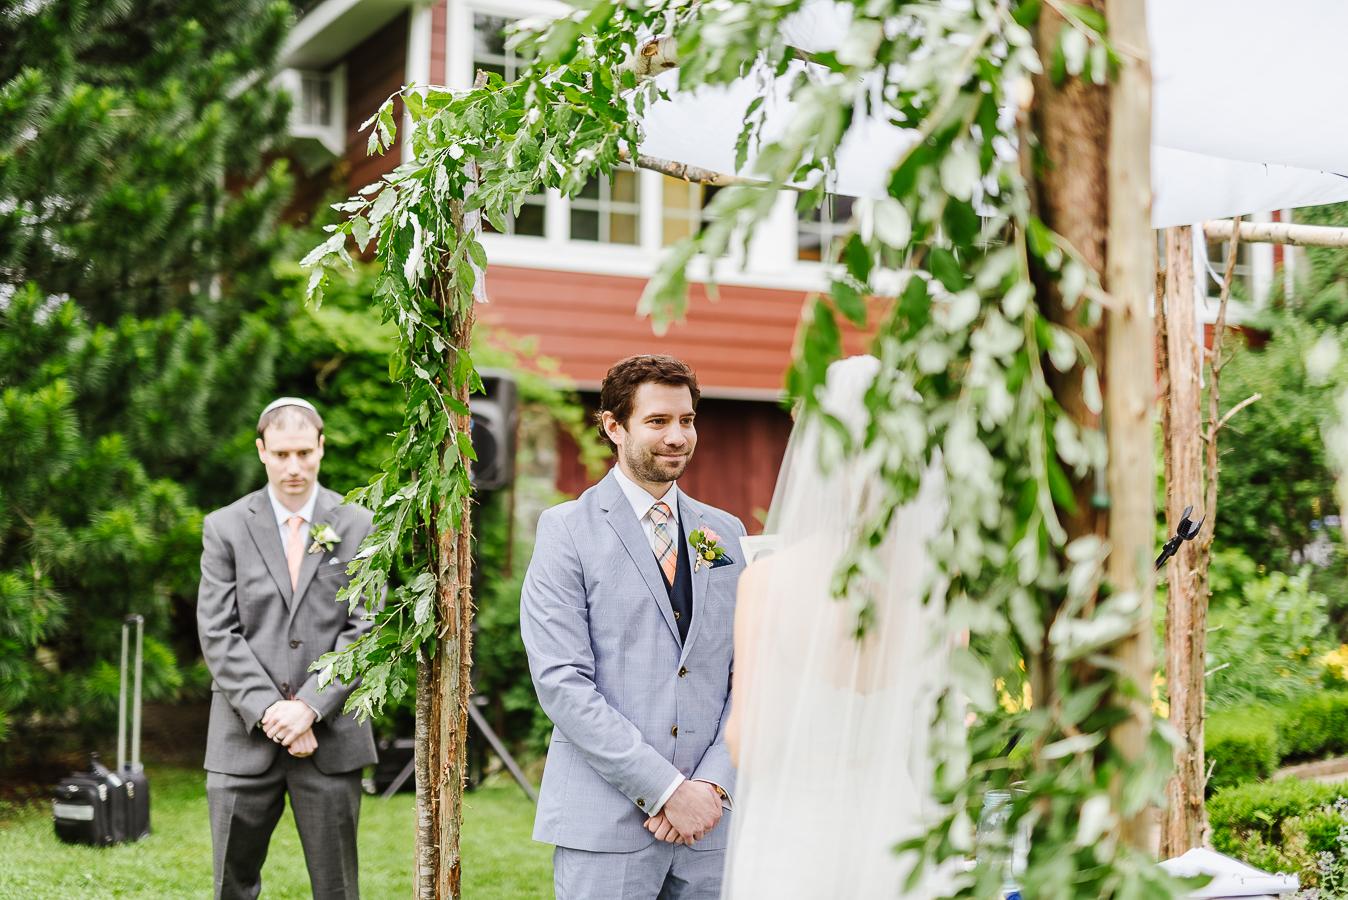 Stylish Crossed Keys Inn Wedding Crossed Keys Wedding Crossed Keys Inn Andover NJ Longbrook Photography-43.jpg